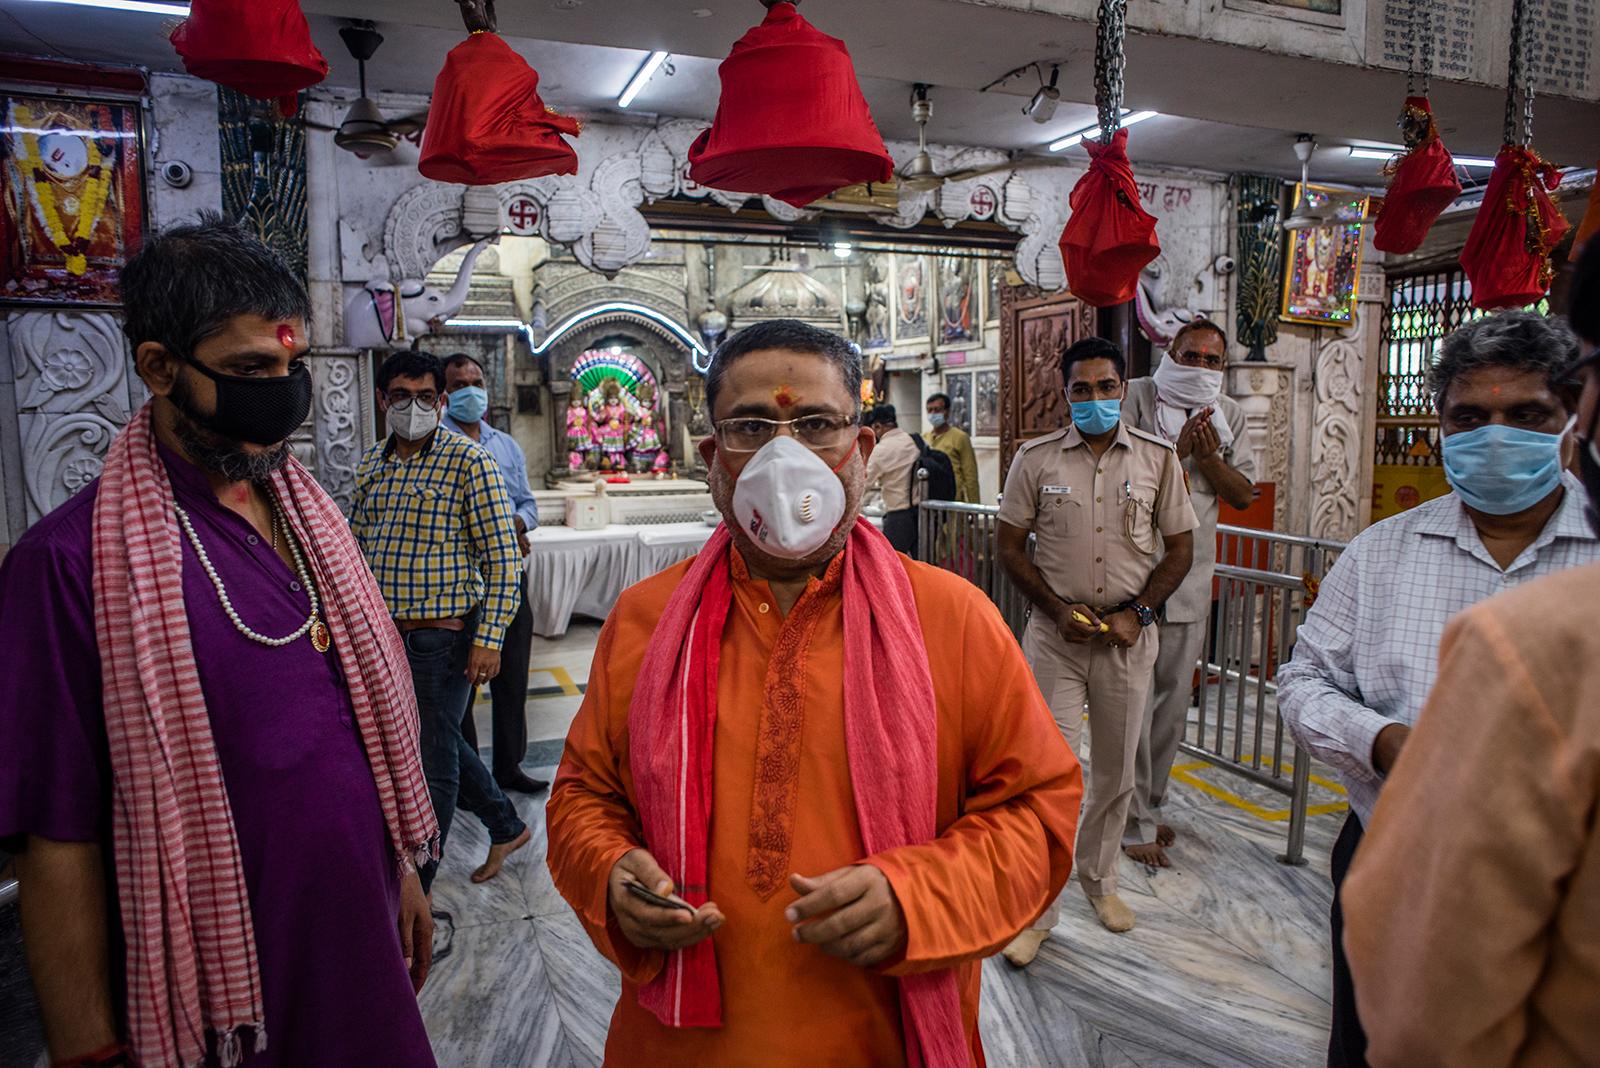 Indian Hindu priests and devotees walk inside Hunuman Mandir, on June 8, in Delhi.